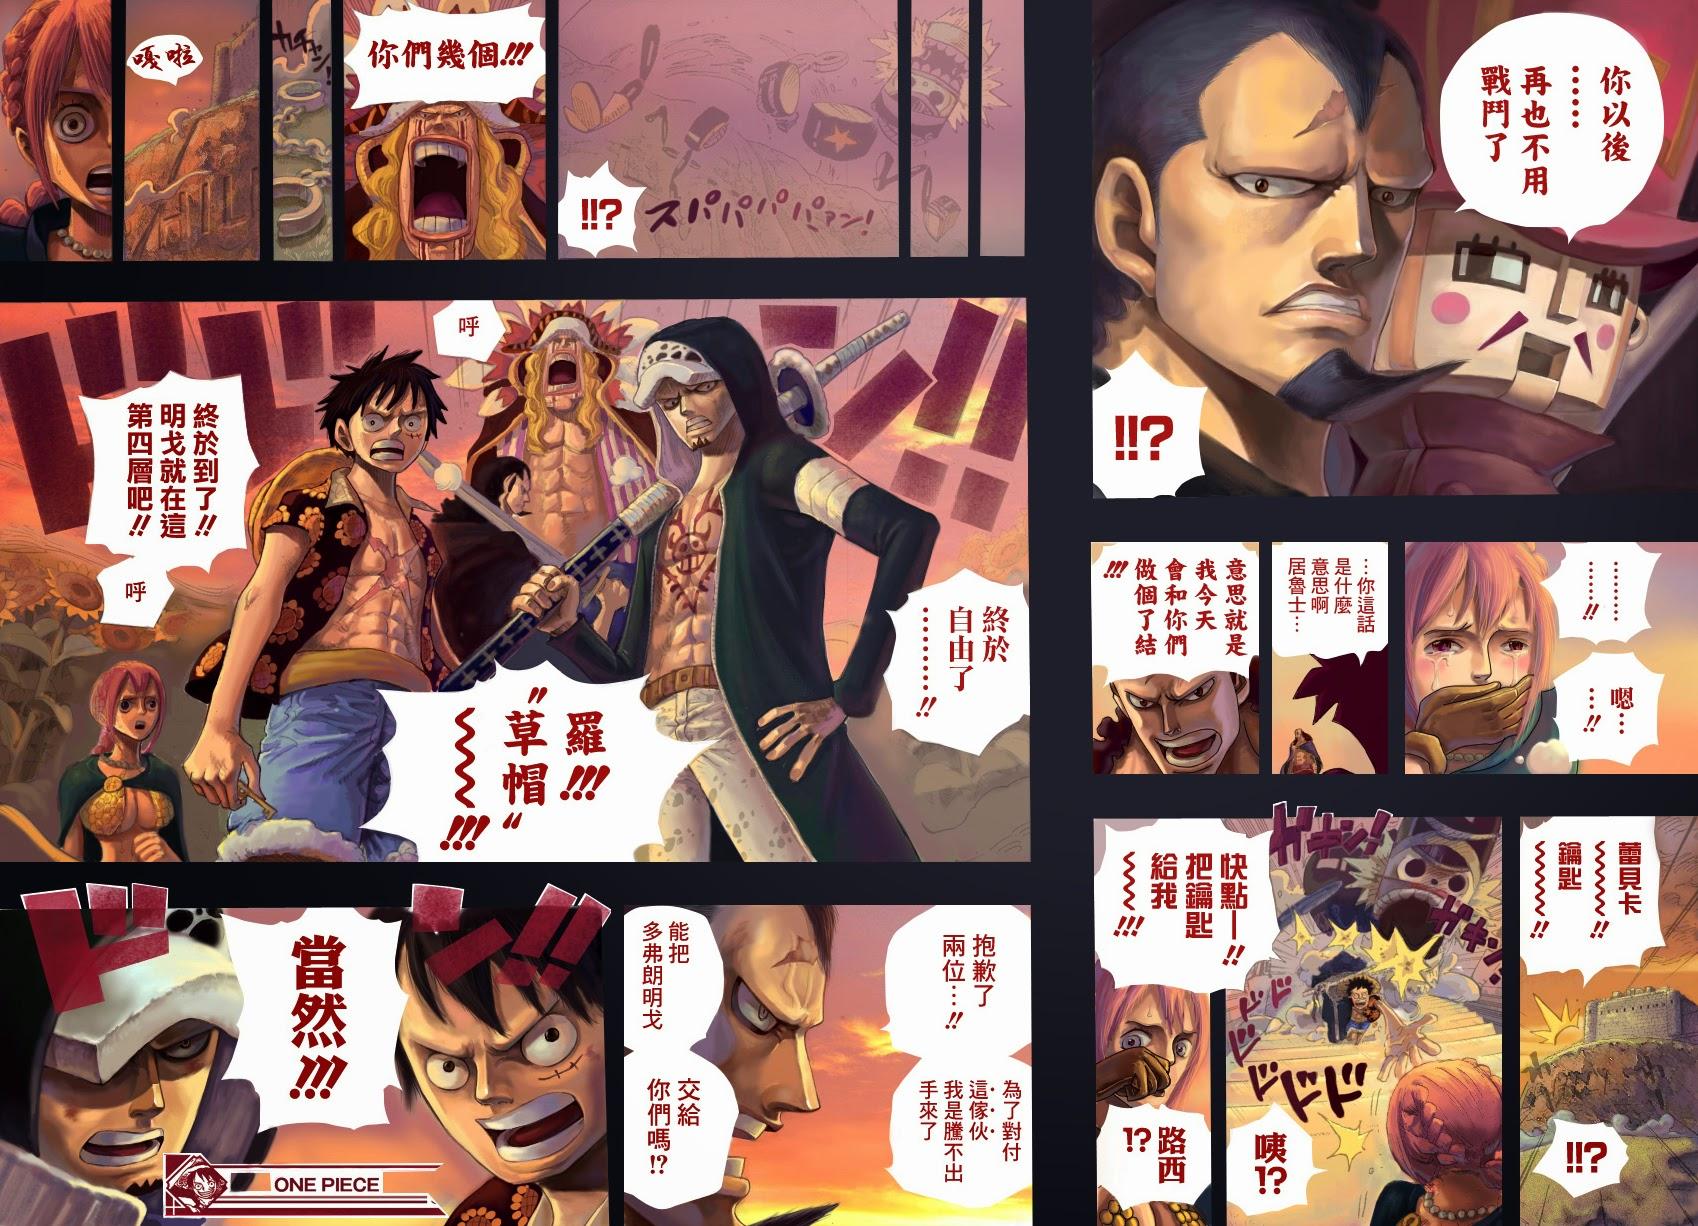 One Piece Chapter 758: Tiến lên phía trước 020